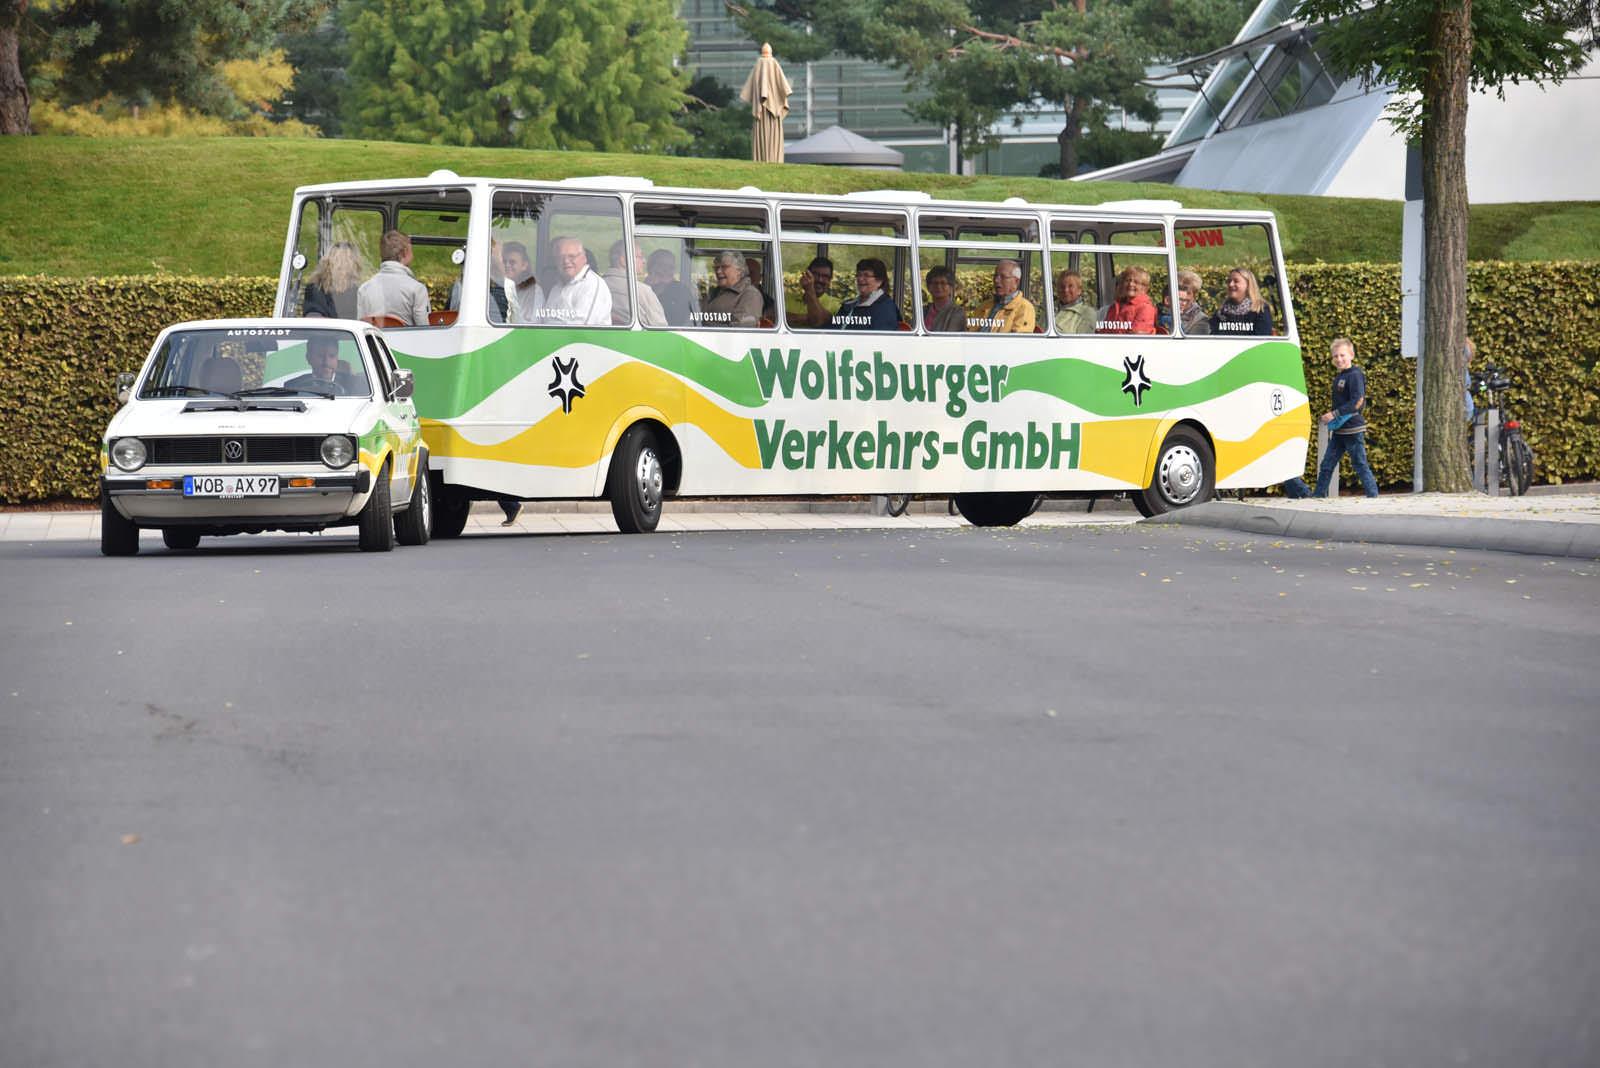 Экскурсионный автобус Volkswagen Golf Bähnle на 36 человек